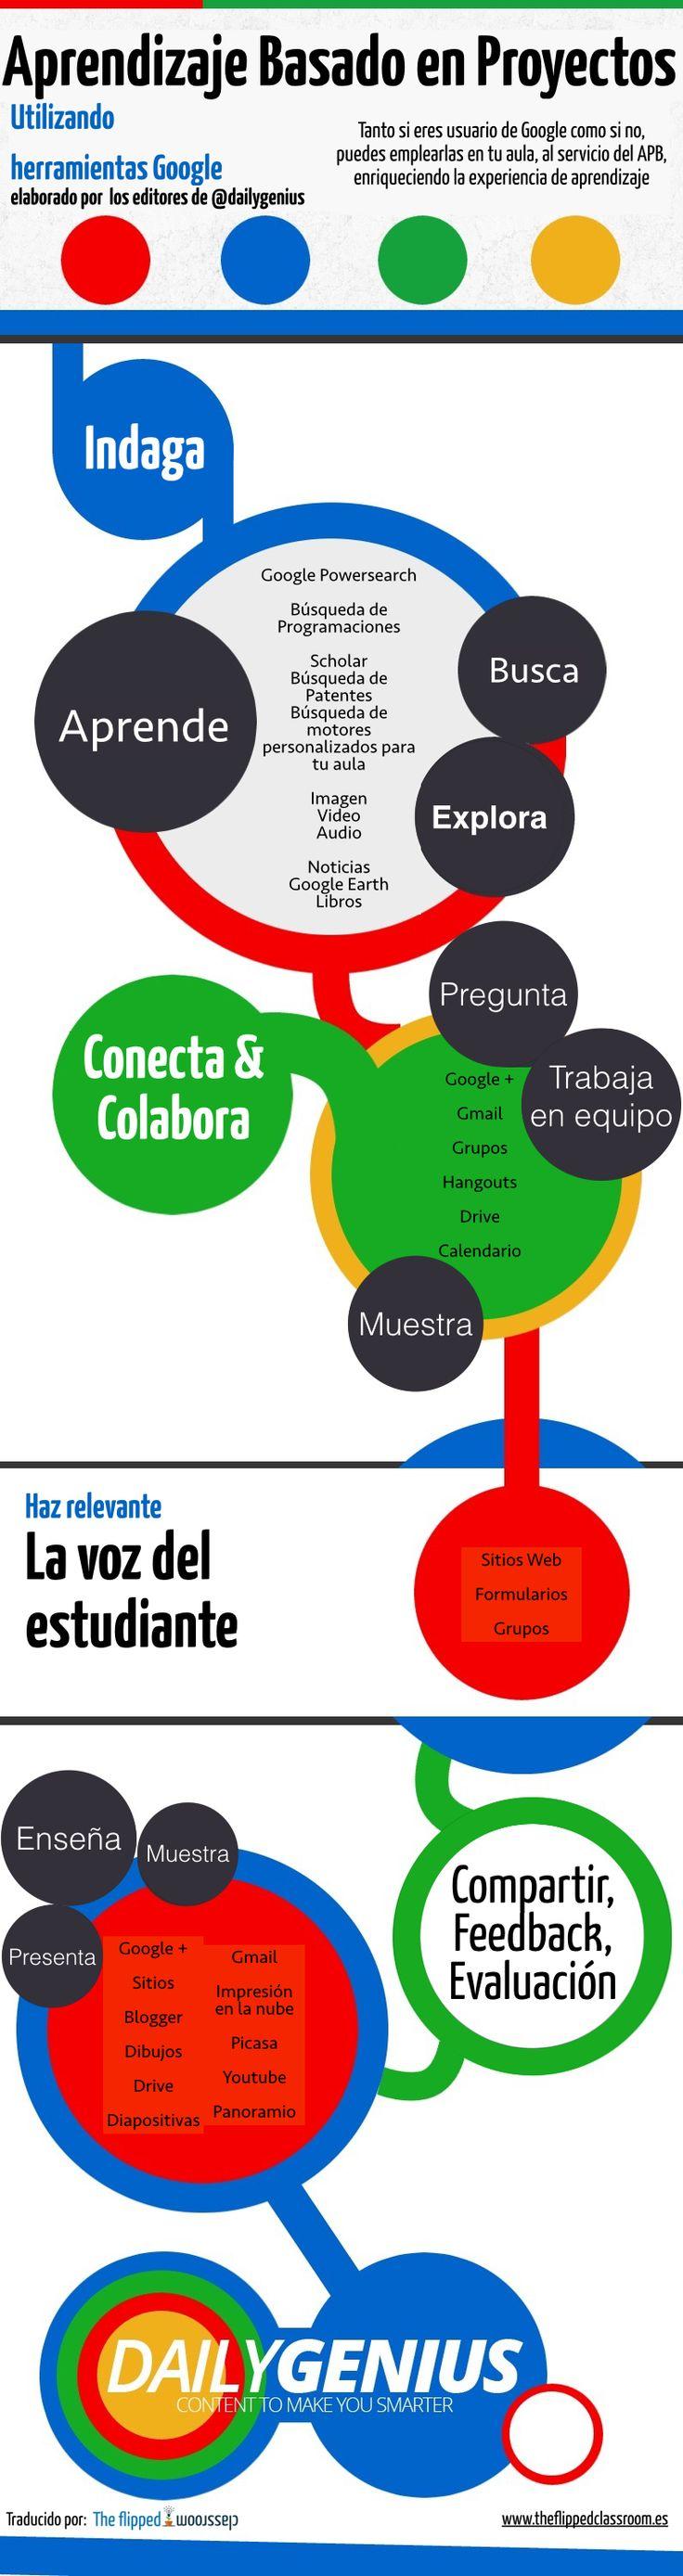 Aprendizaje basado en proyectos con Herramientas Google #infografia